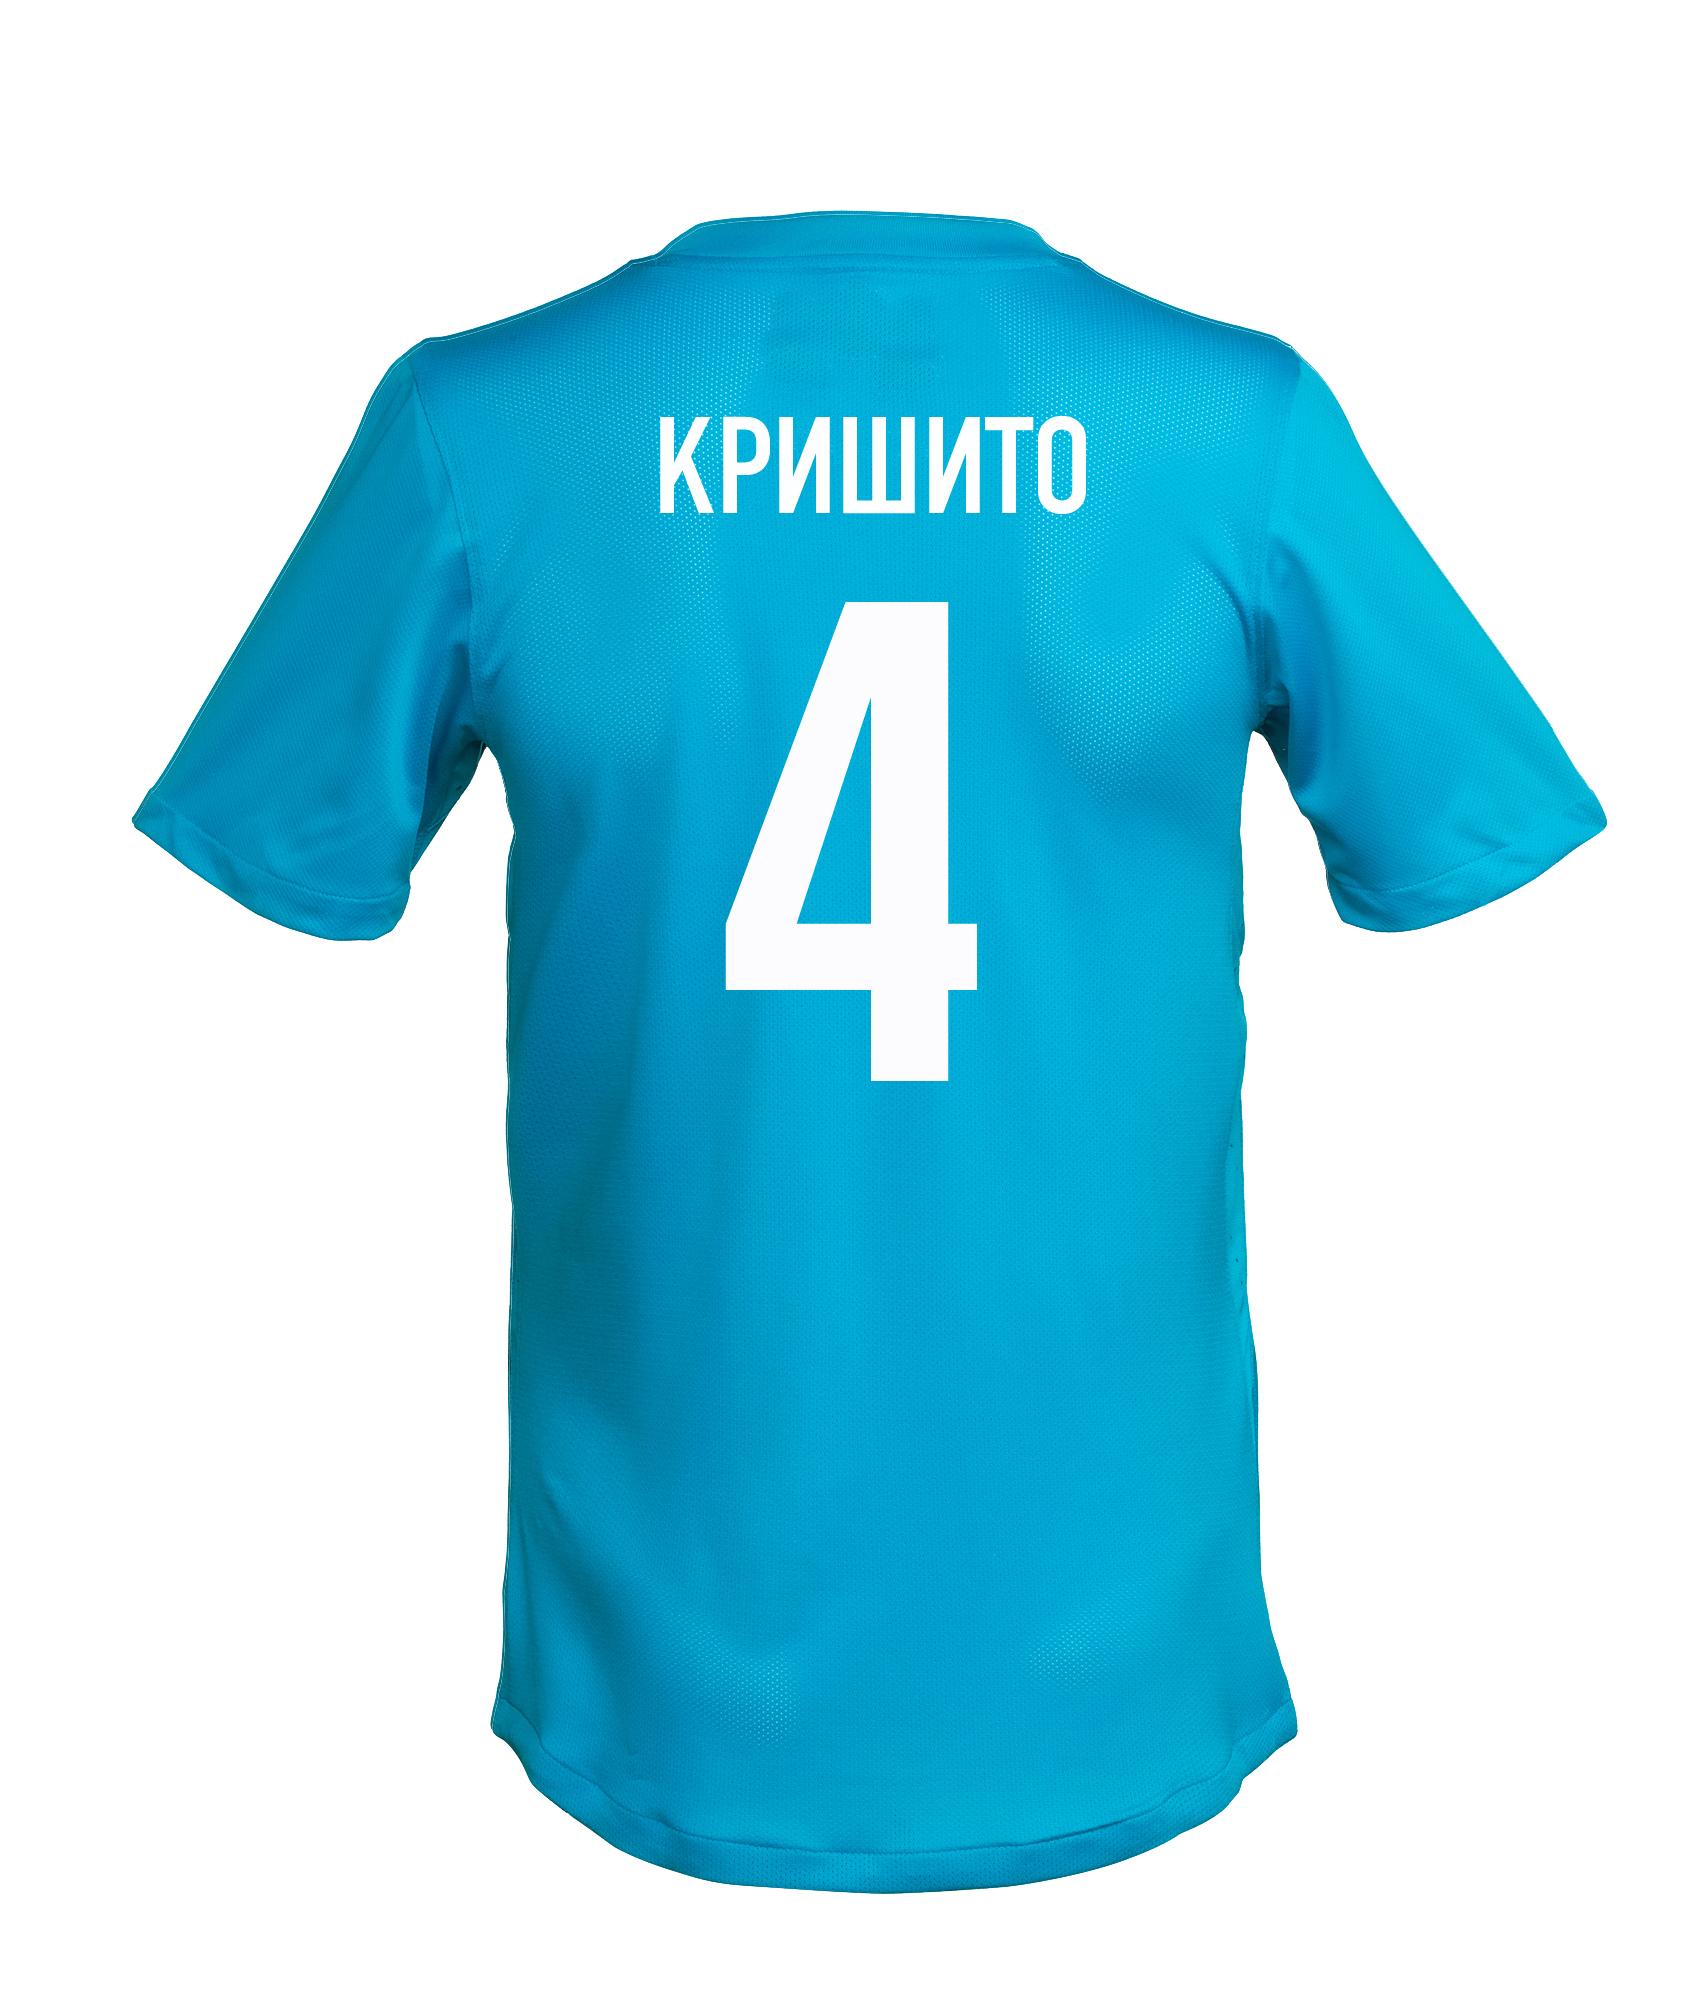 Игровая футболка с фамилией и номером Д. Кришито, Цвет-Синий, Размер-L